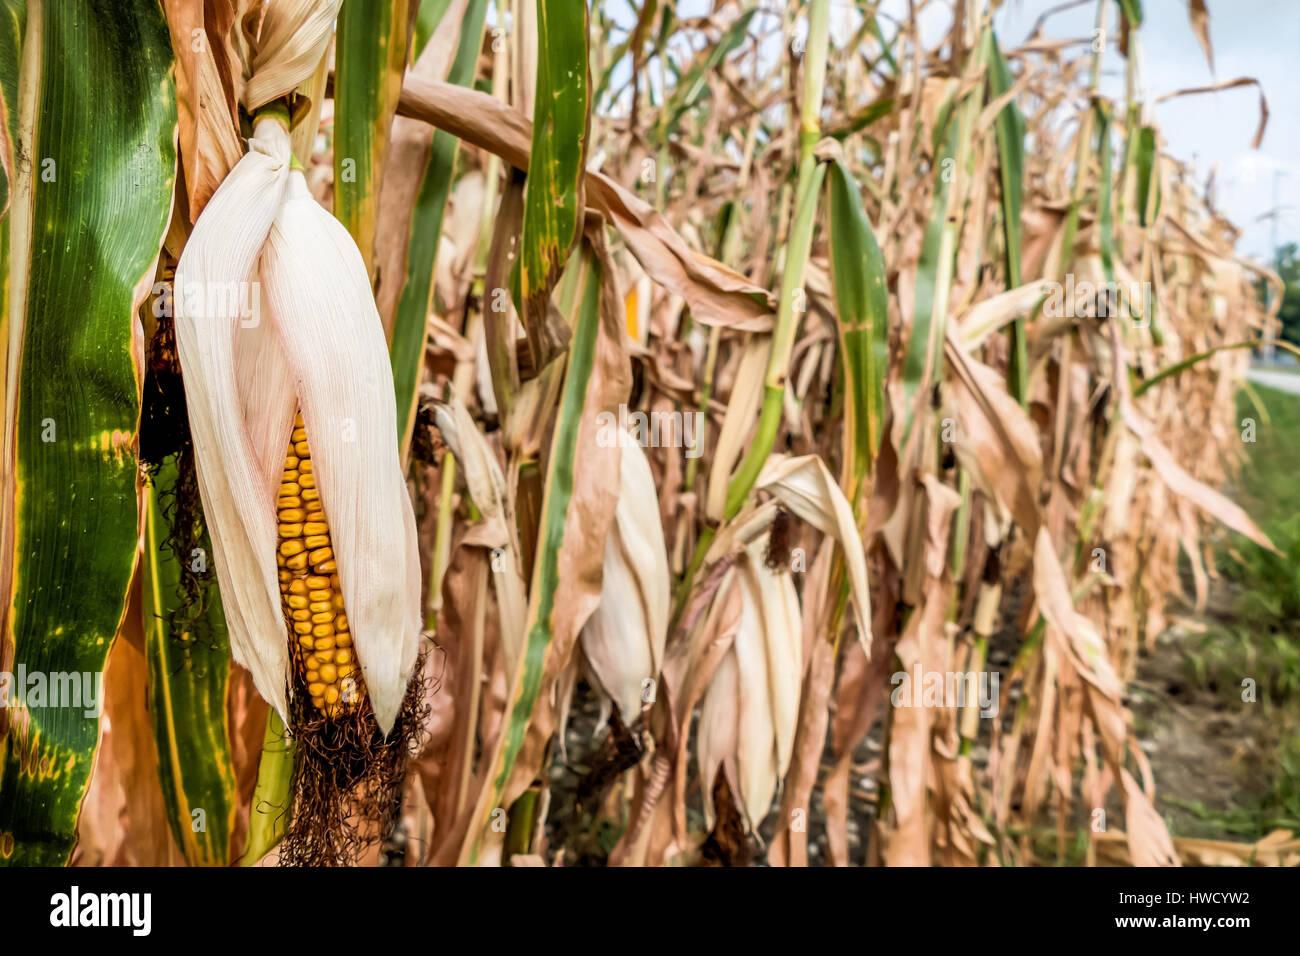 Dry damages in the agriculture. Corn field in the heat., Dürre Schäden in der Landwirtschaft. Maisfeld in der Hitze. Stock Photo